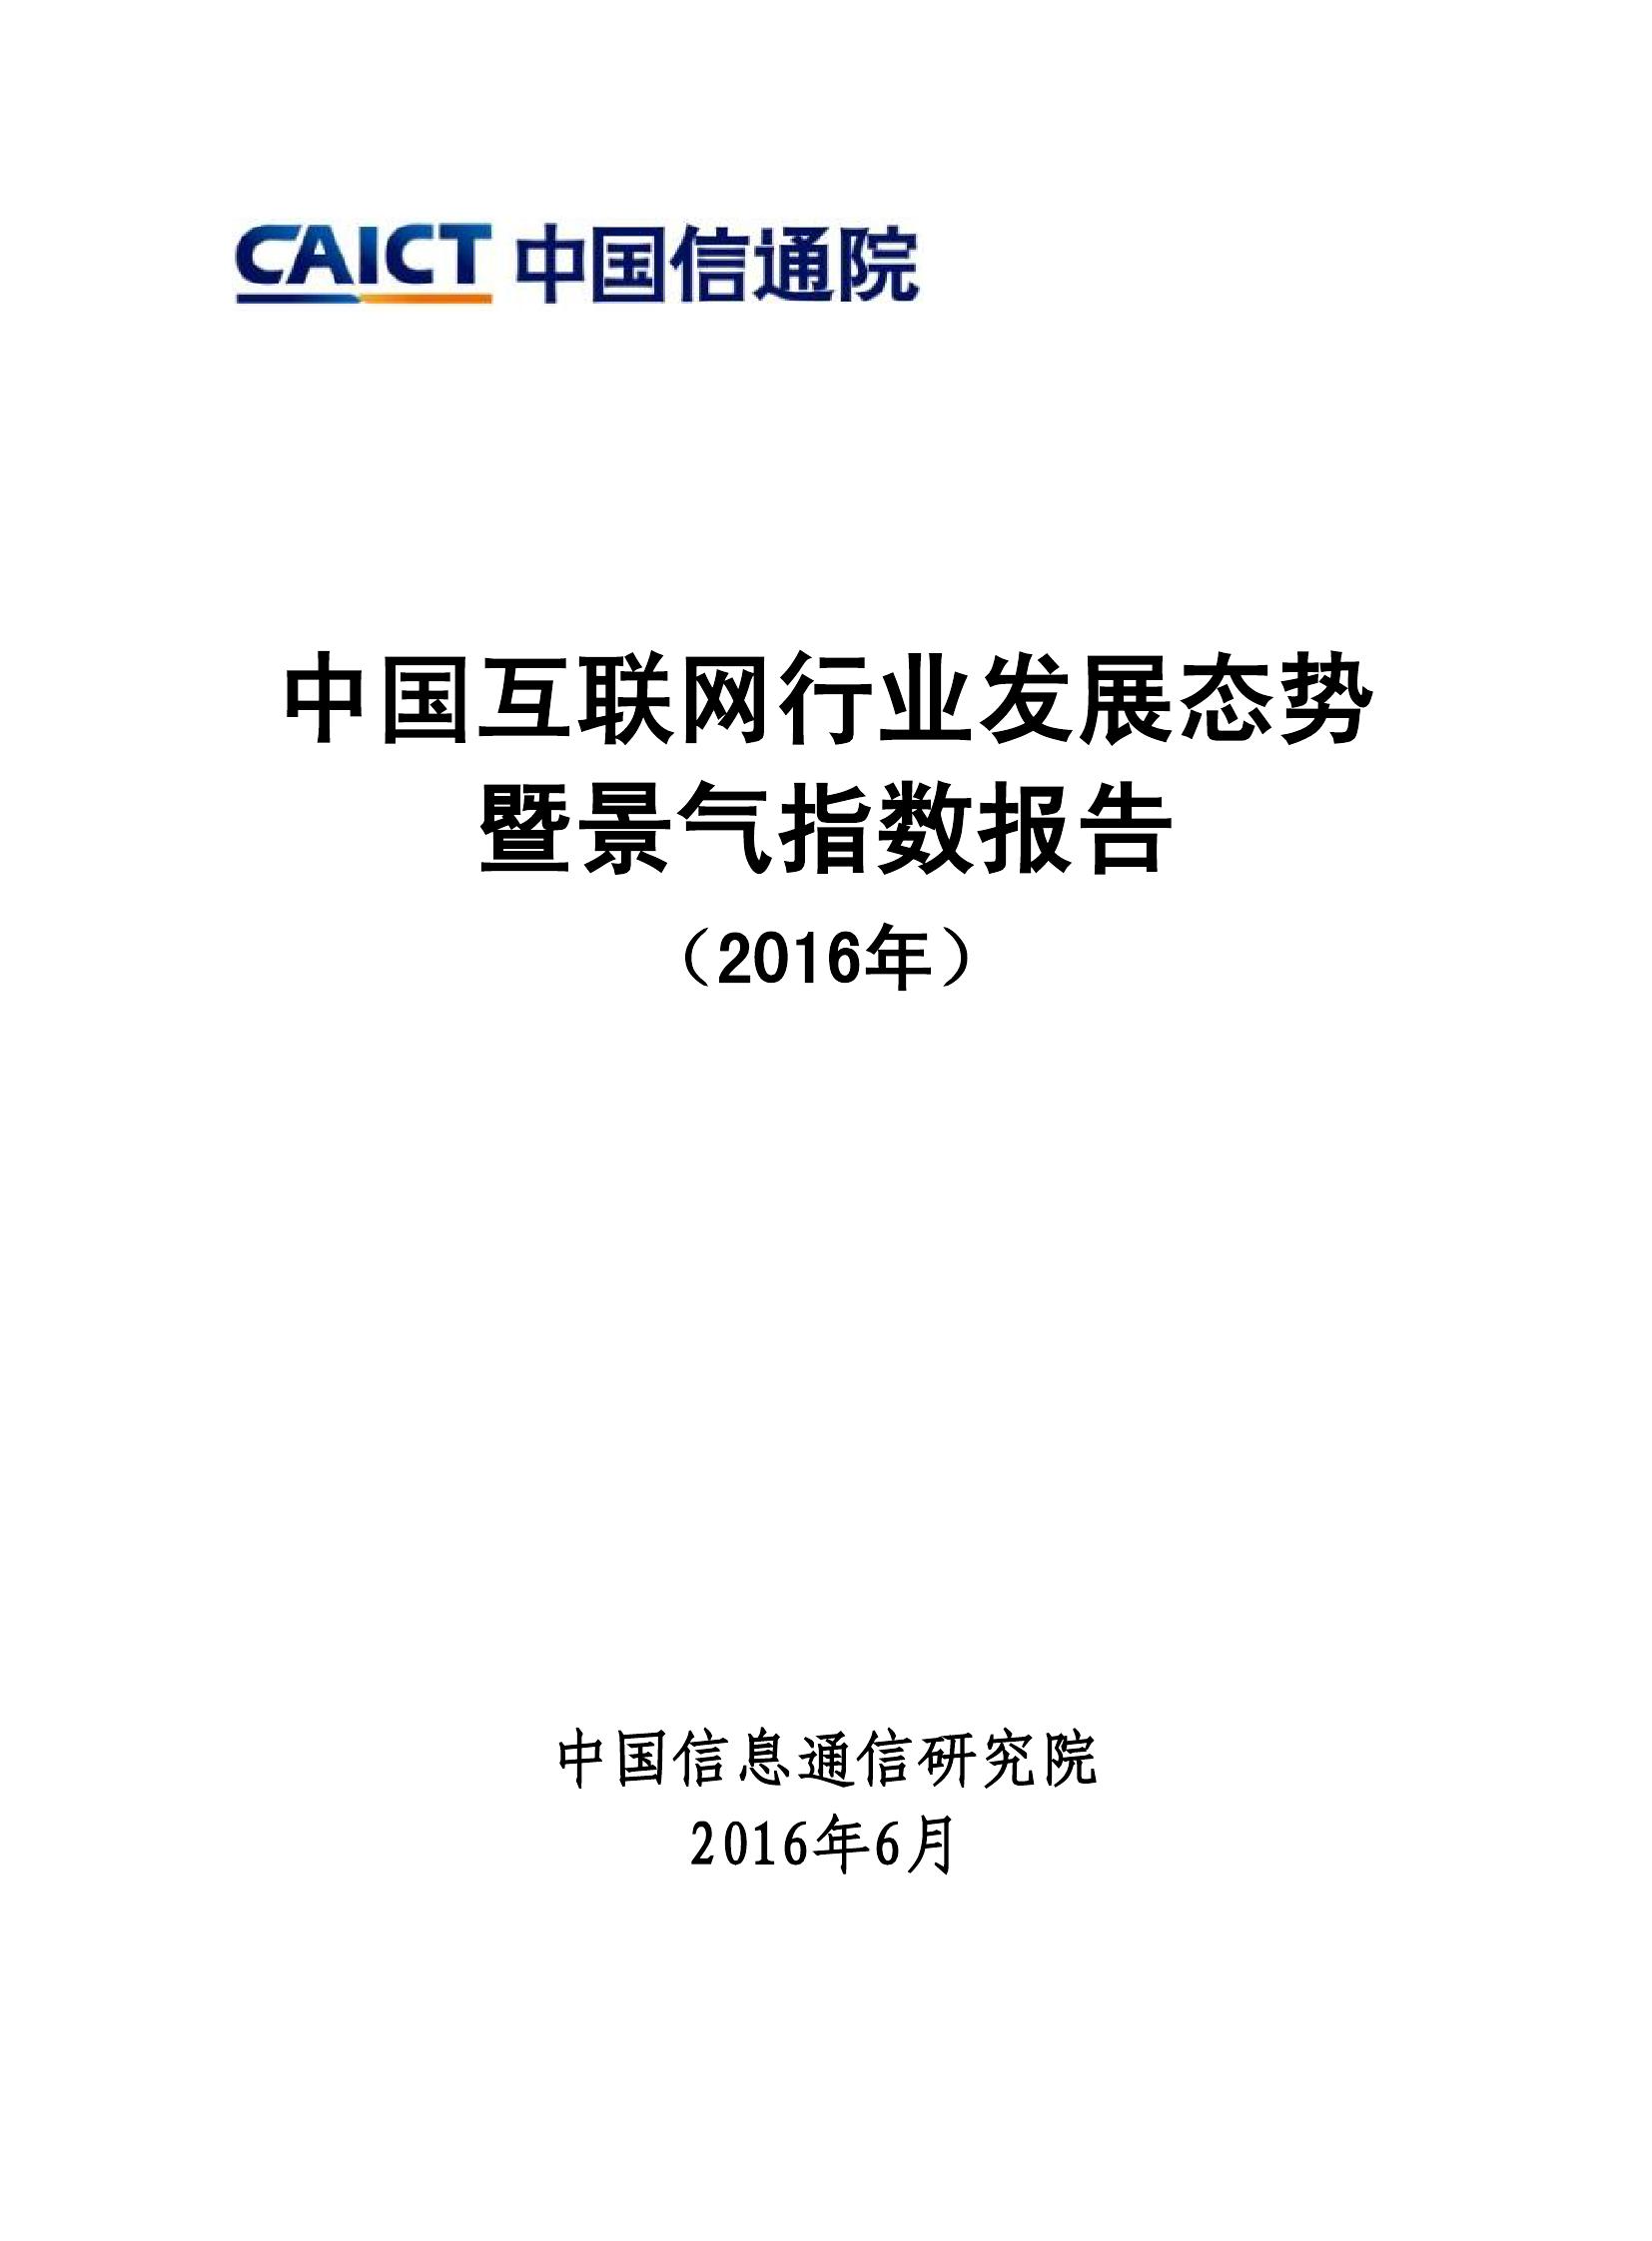 2016年中国互联网行业发展态势暨景气指数报告_000001